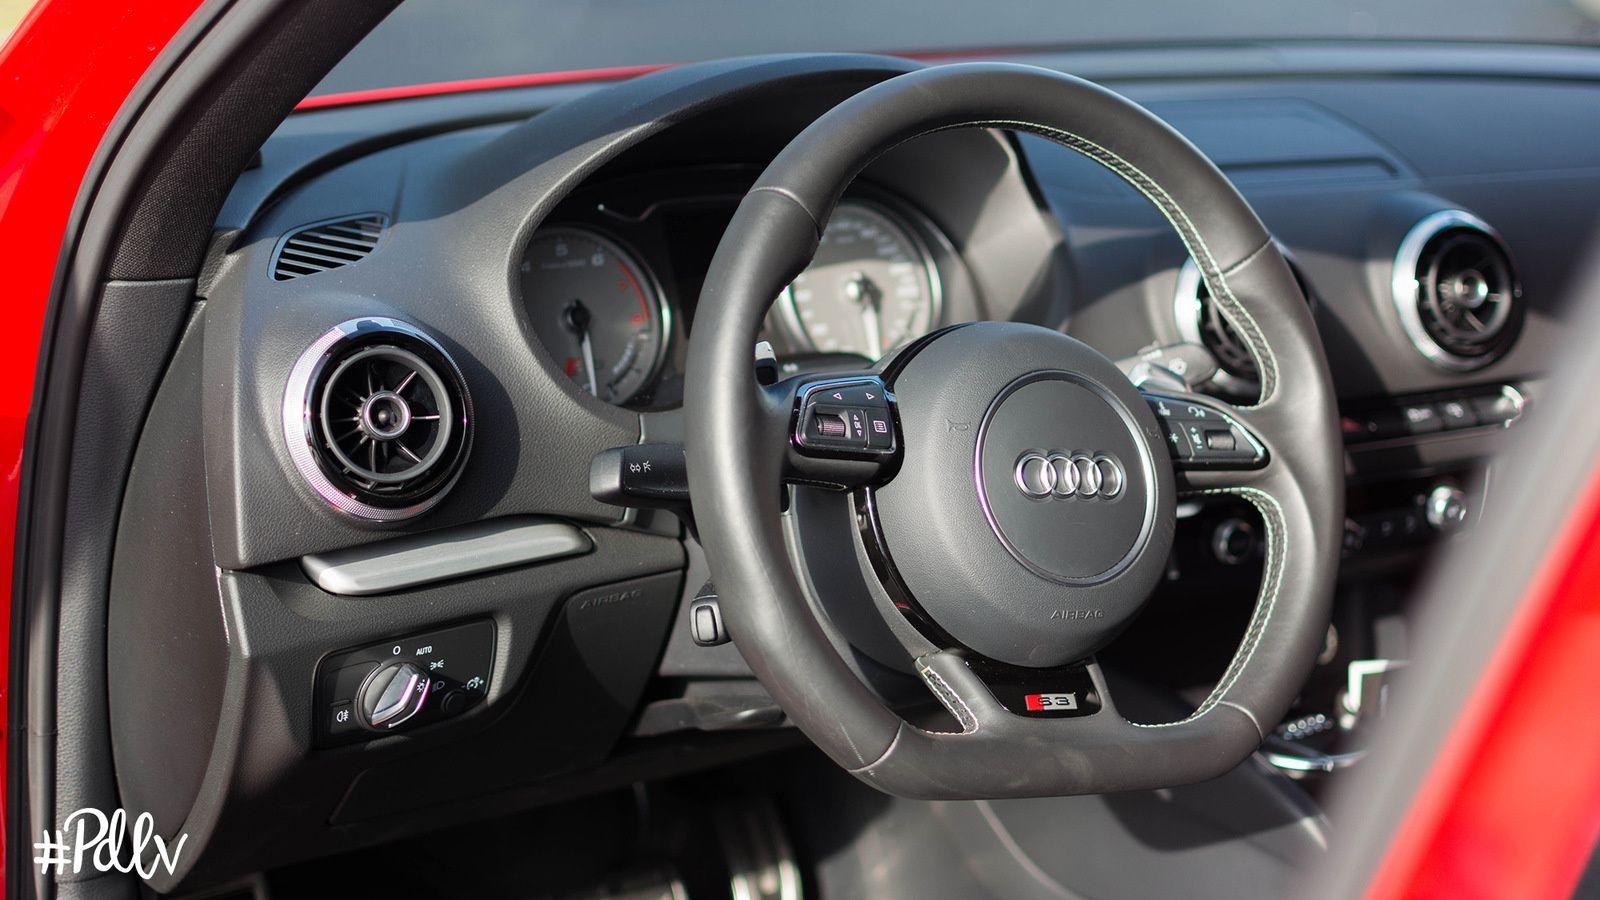 '15 Audi S3 Berline S-Tronic - Le Mans Auto Racing